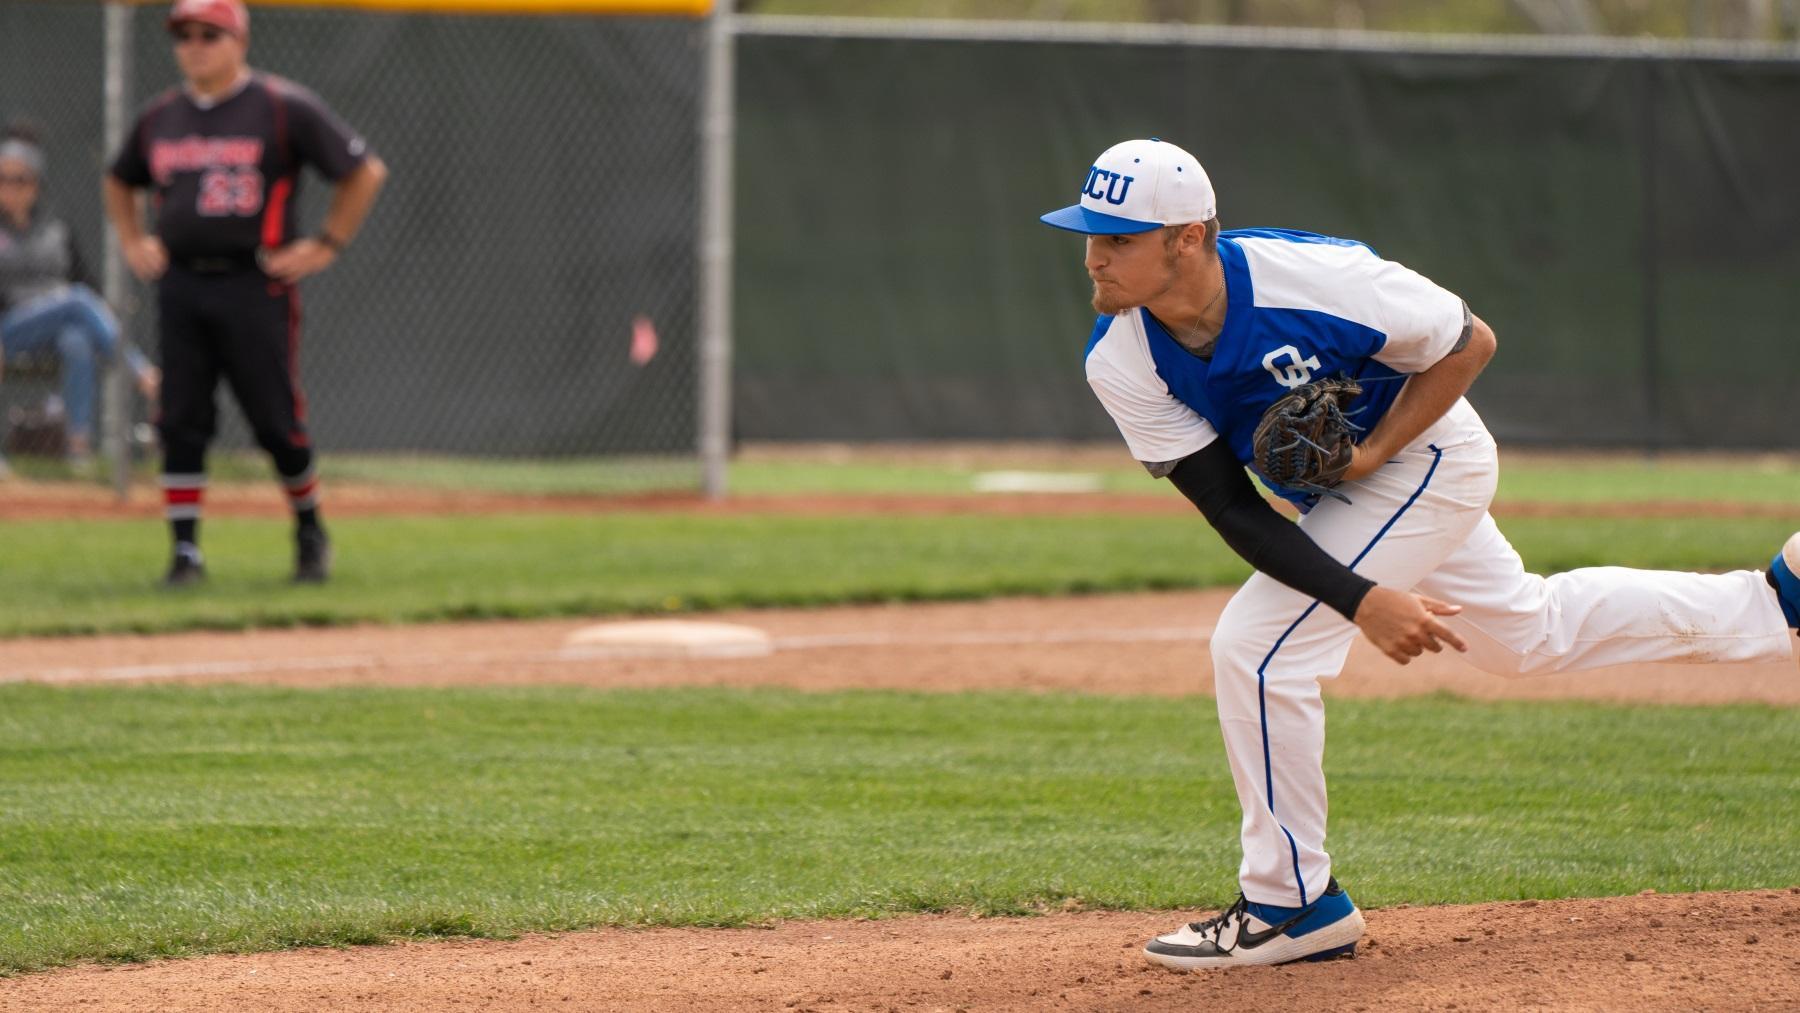 2020 Baseball | Ohio Christian University Athletics